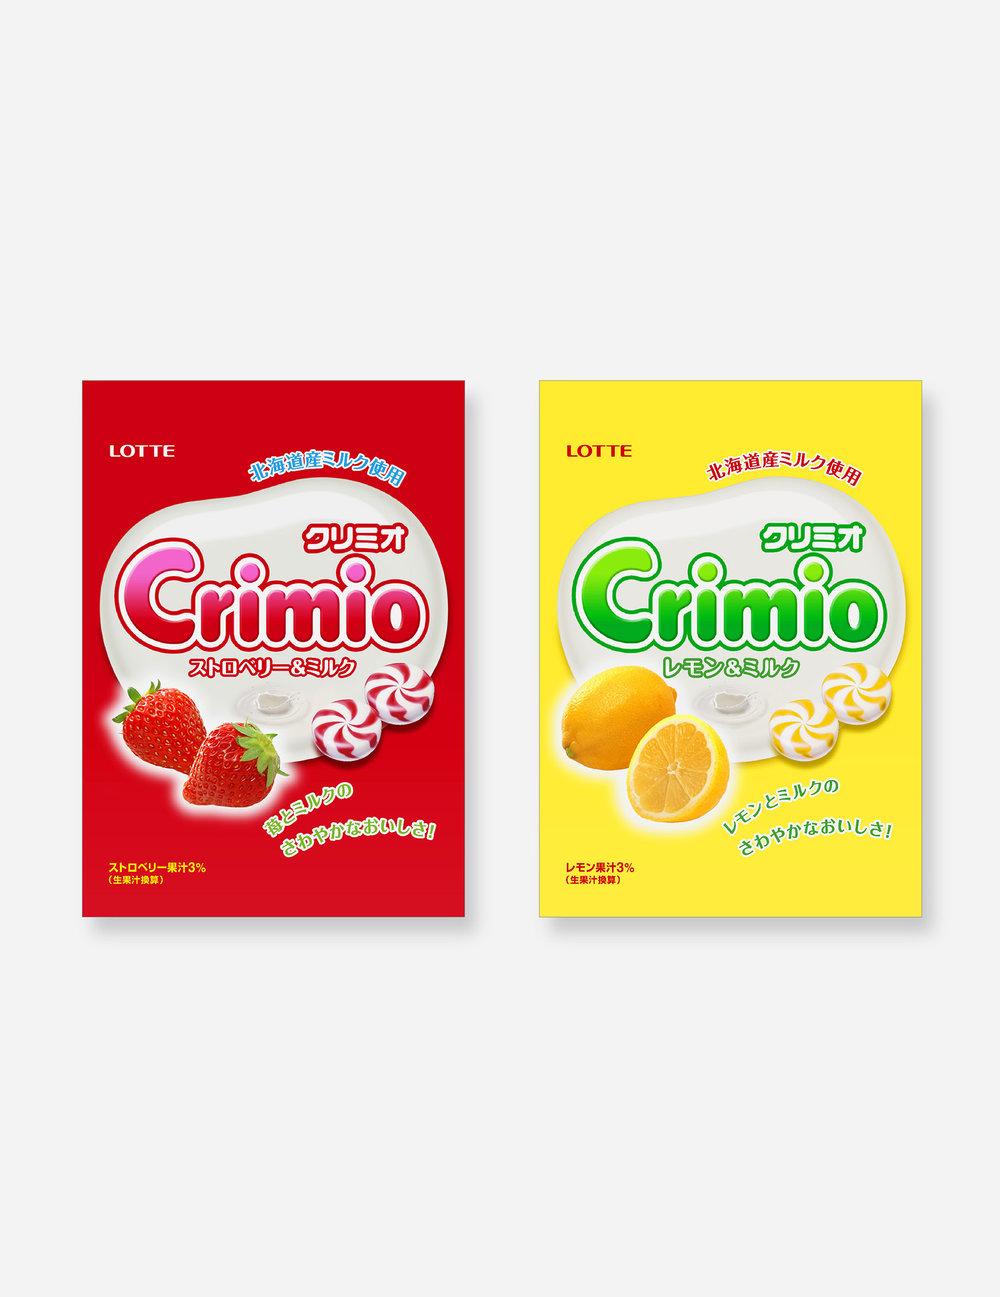 Crimio (2010)Lotte Co., Ltd.